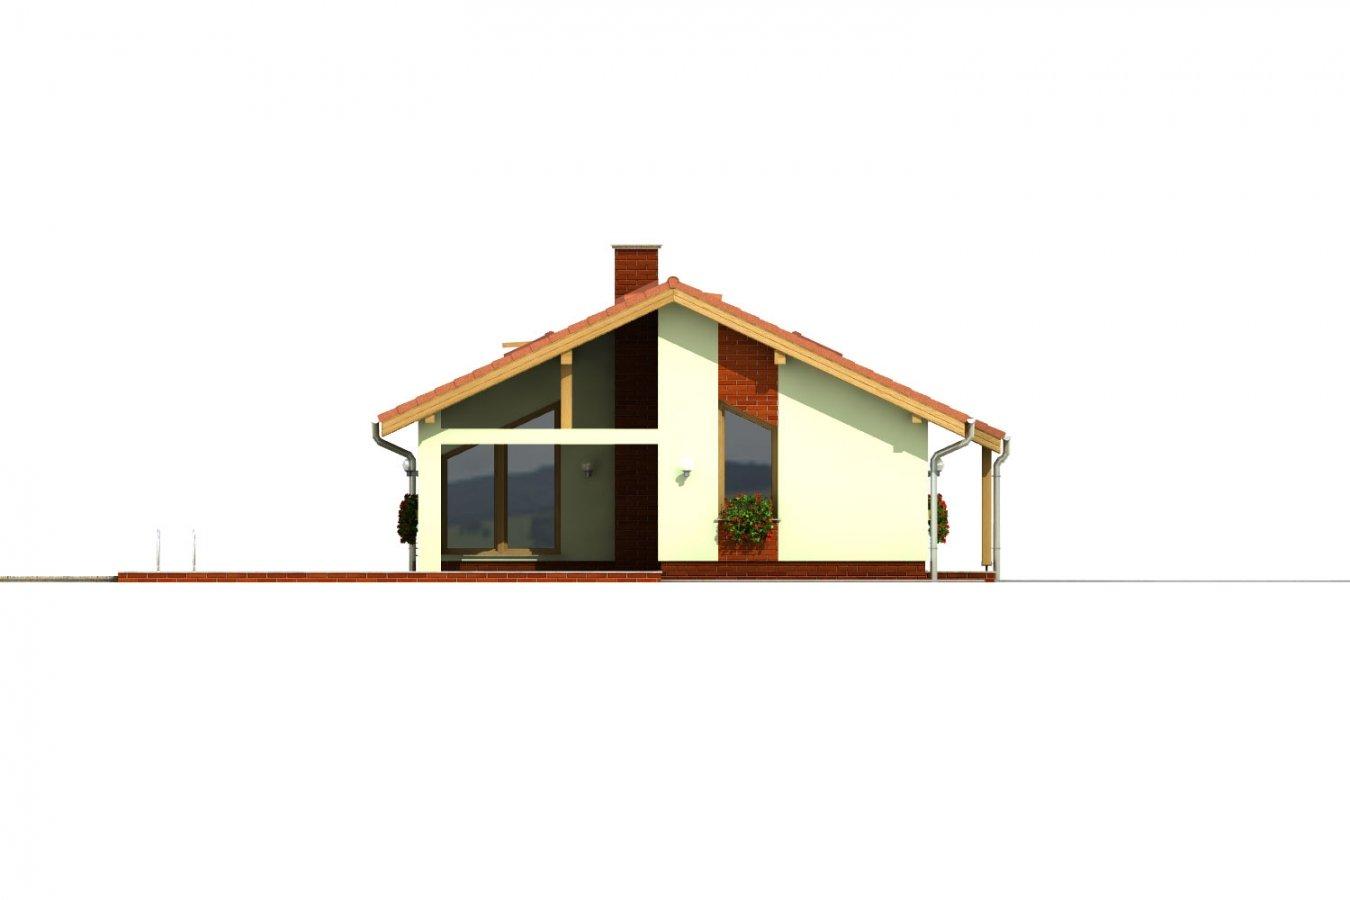 Pohľad 1. - Úzky rodinný dom s prekrytou terasou, spracovaný v 3d realite.